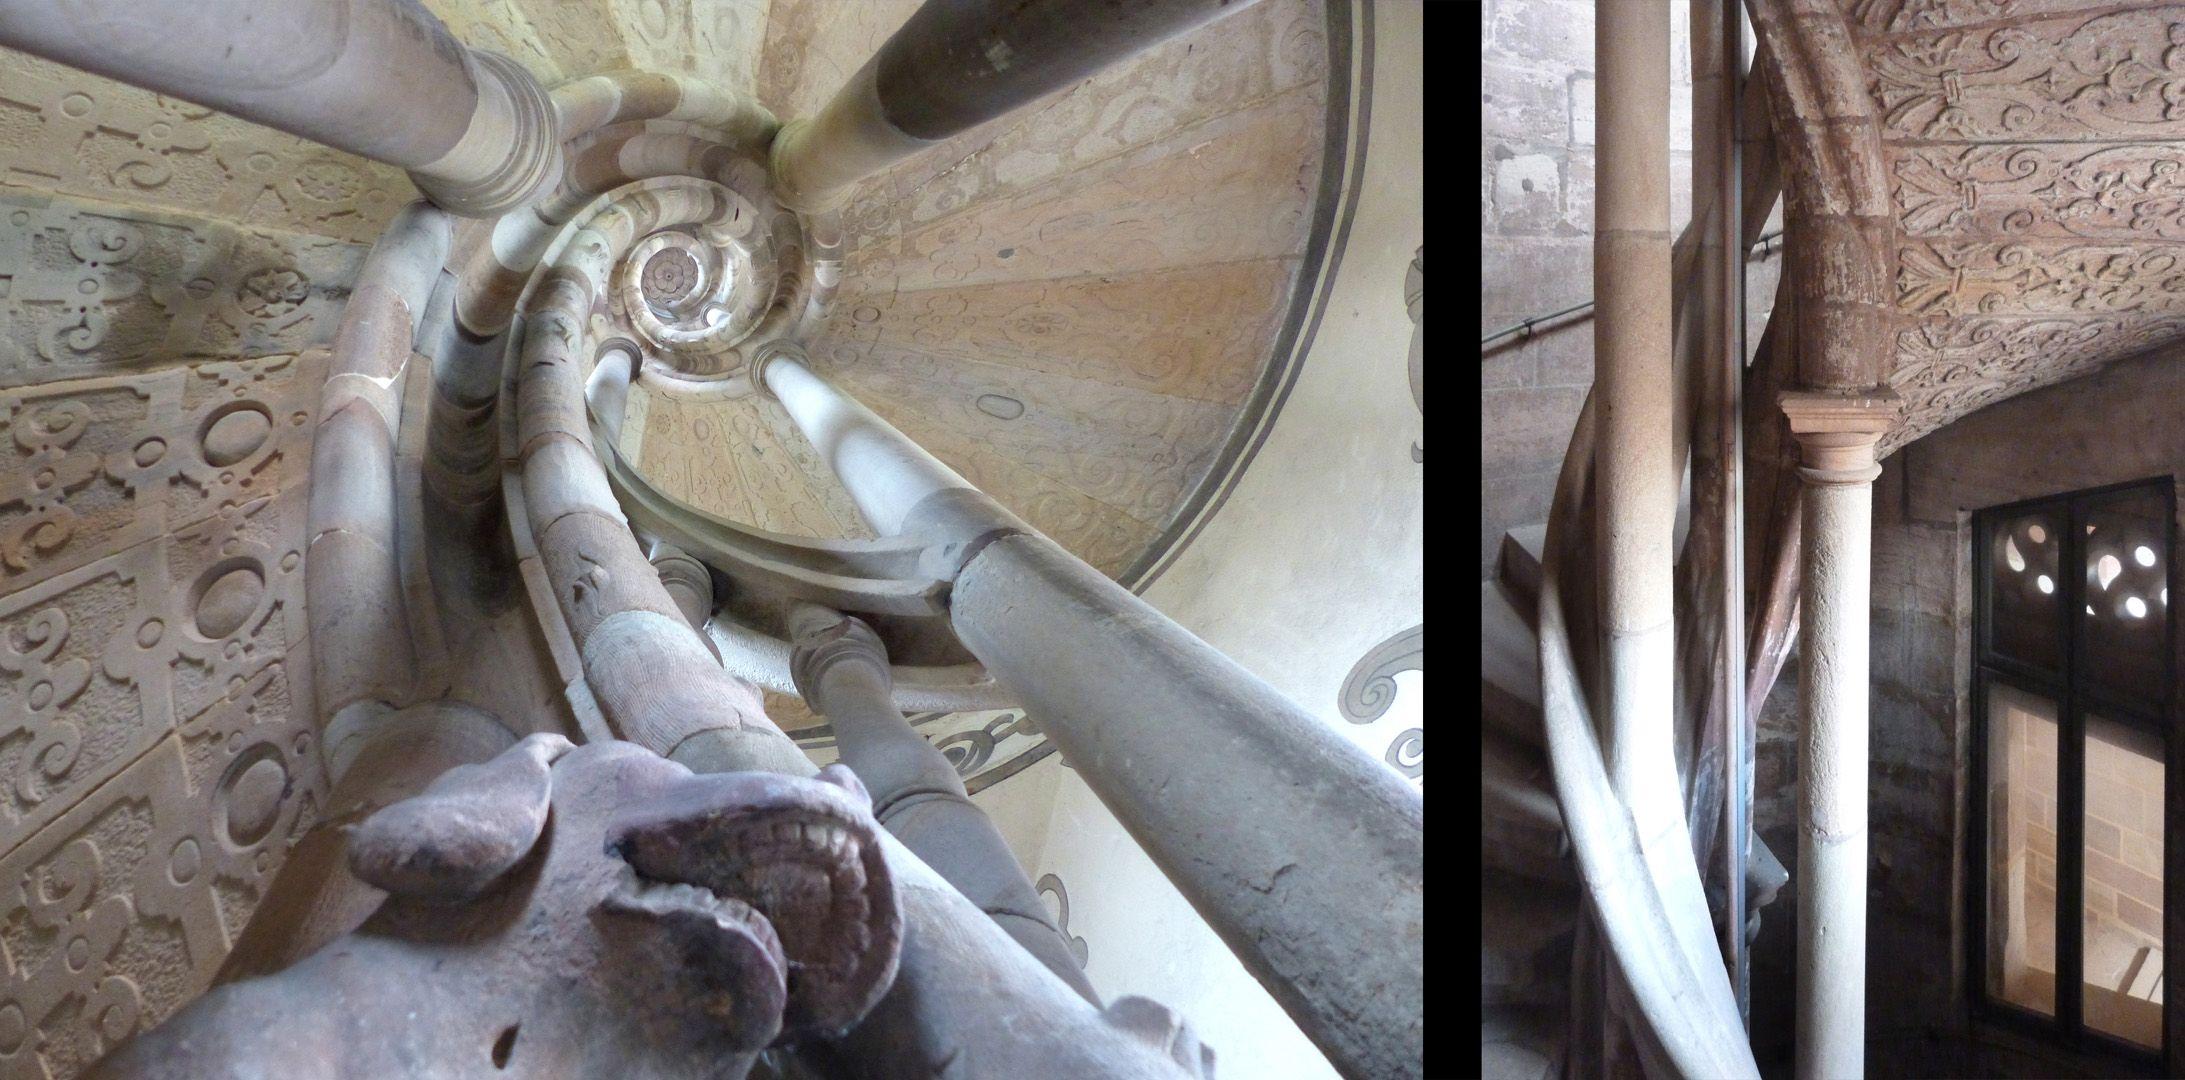 Treppentyp / Pellerhaus links Straßburg: Blick durch das Treppenauge, rechts Pellerhaus: Detail der Wangensäulchen und Handlauf (moderne mittlere Metallstange nicht dazugehörig)